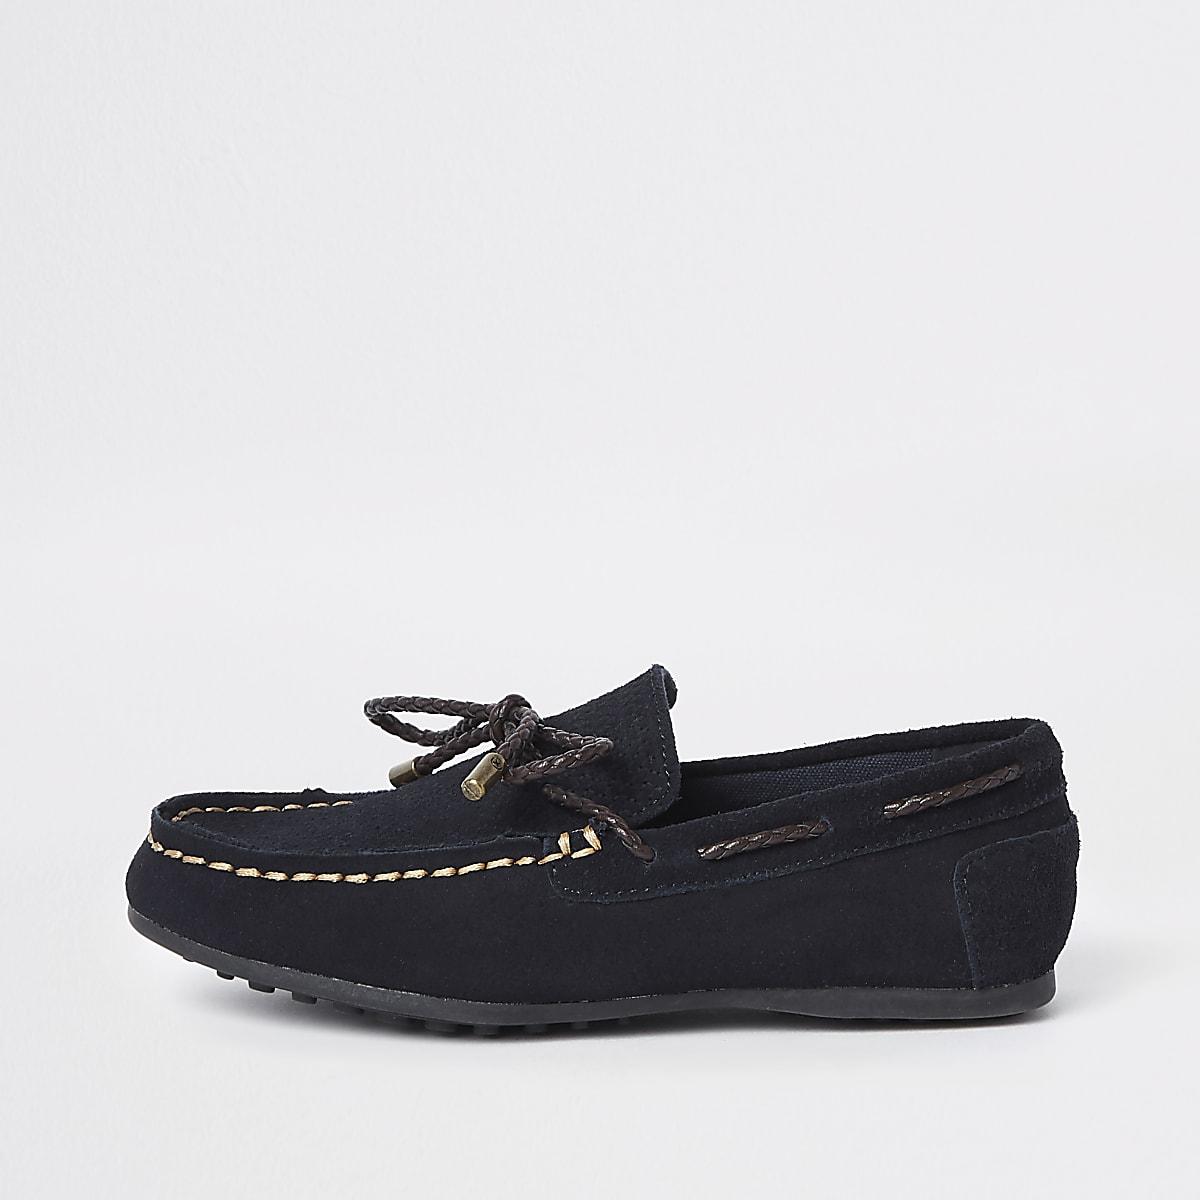 Marineblauwe loafers met strik voor jongens